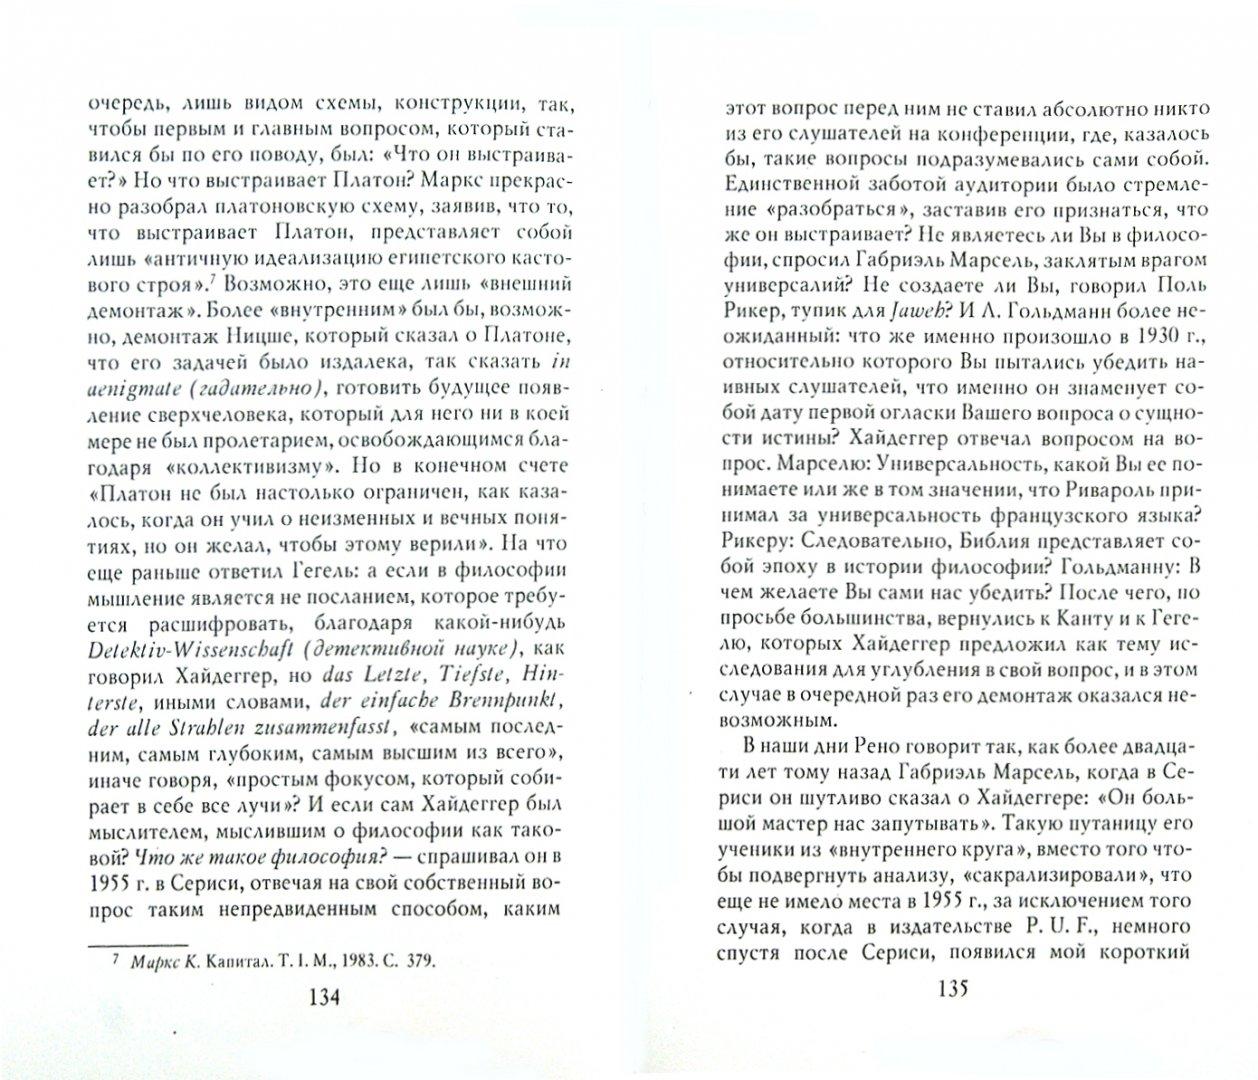 Иллюстрация 1 из 12 для Диалог с Хайдеггером. В 4-х кн. Книга 4. Путь Хайдеггера - Жан Бофре | Лабиринт - книги. Источник: Лабиринт